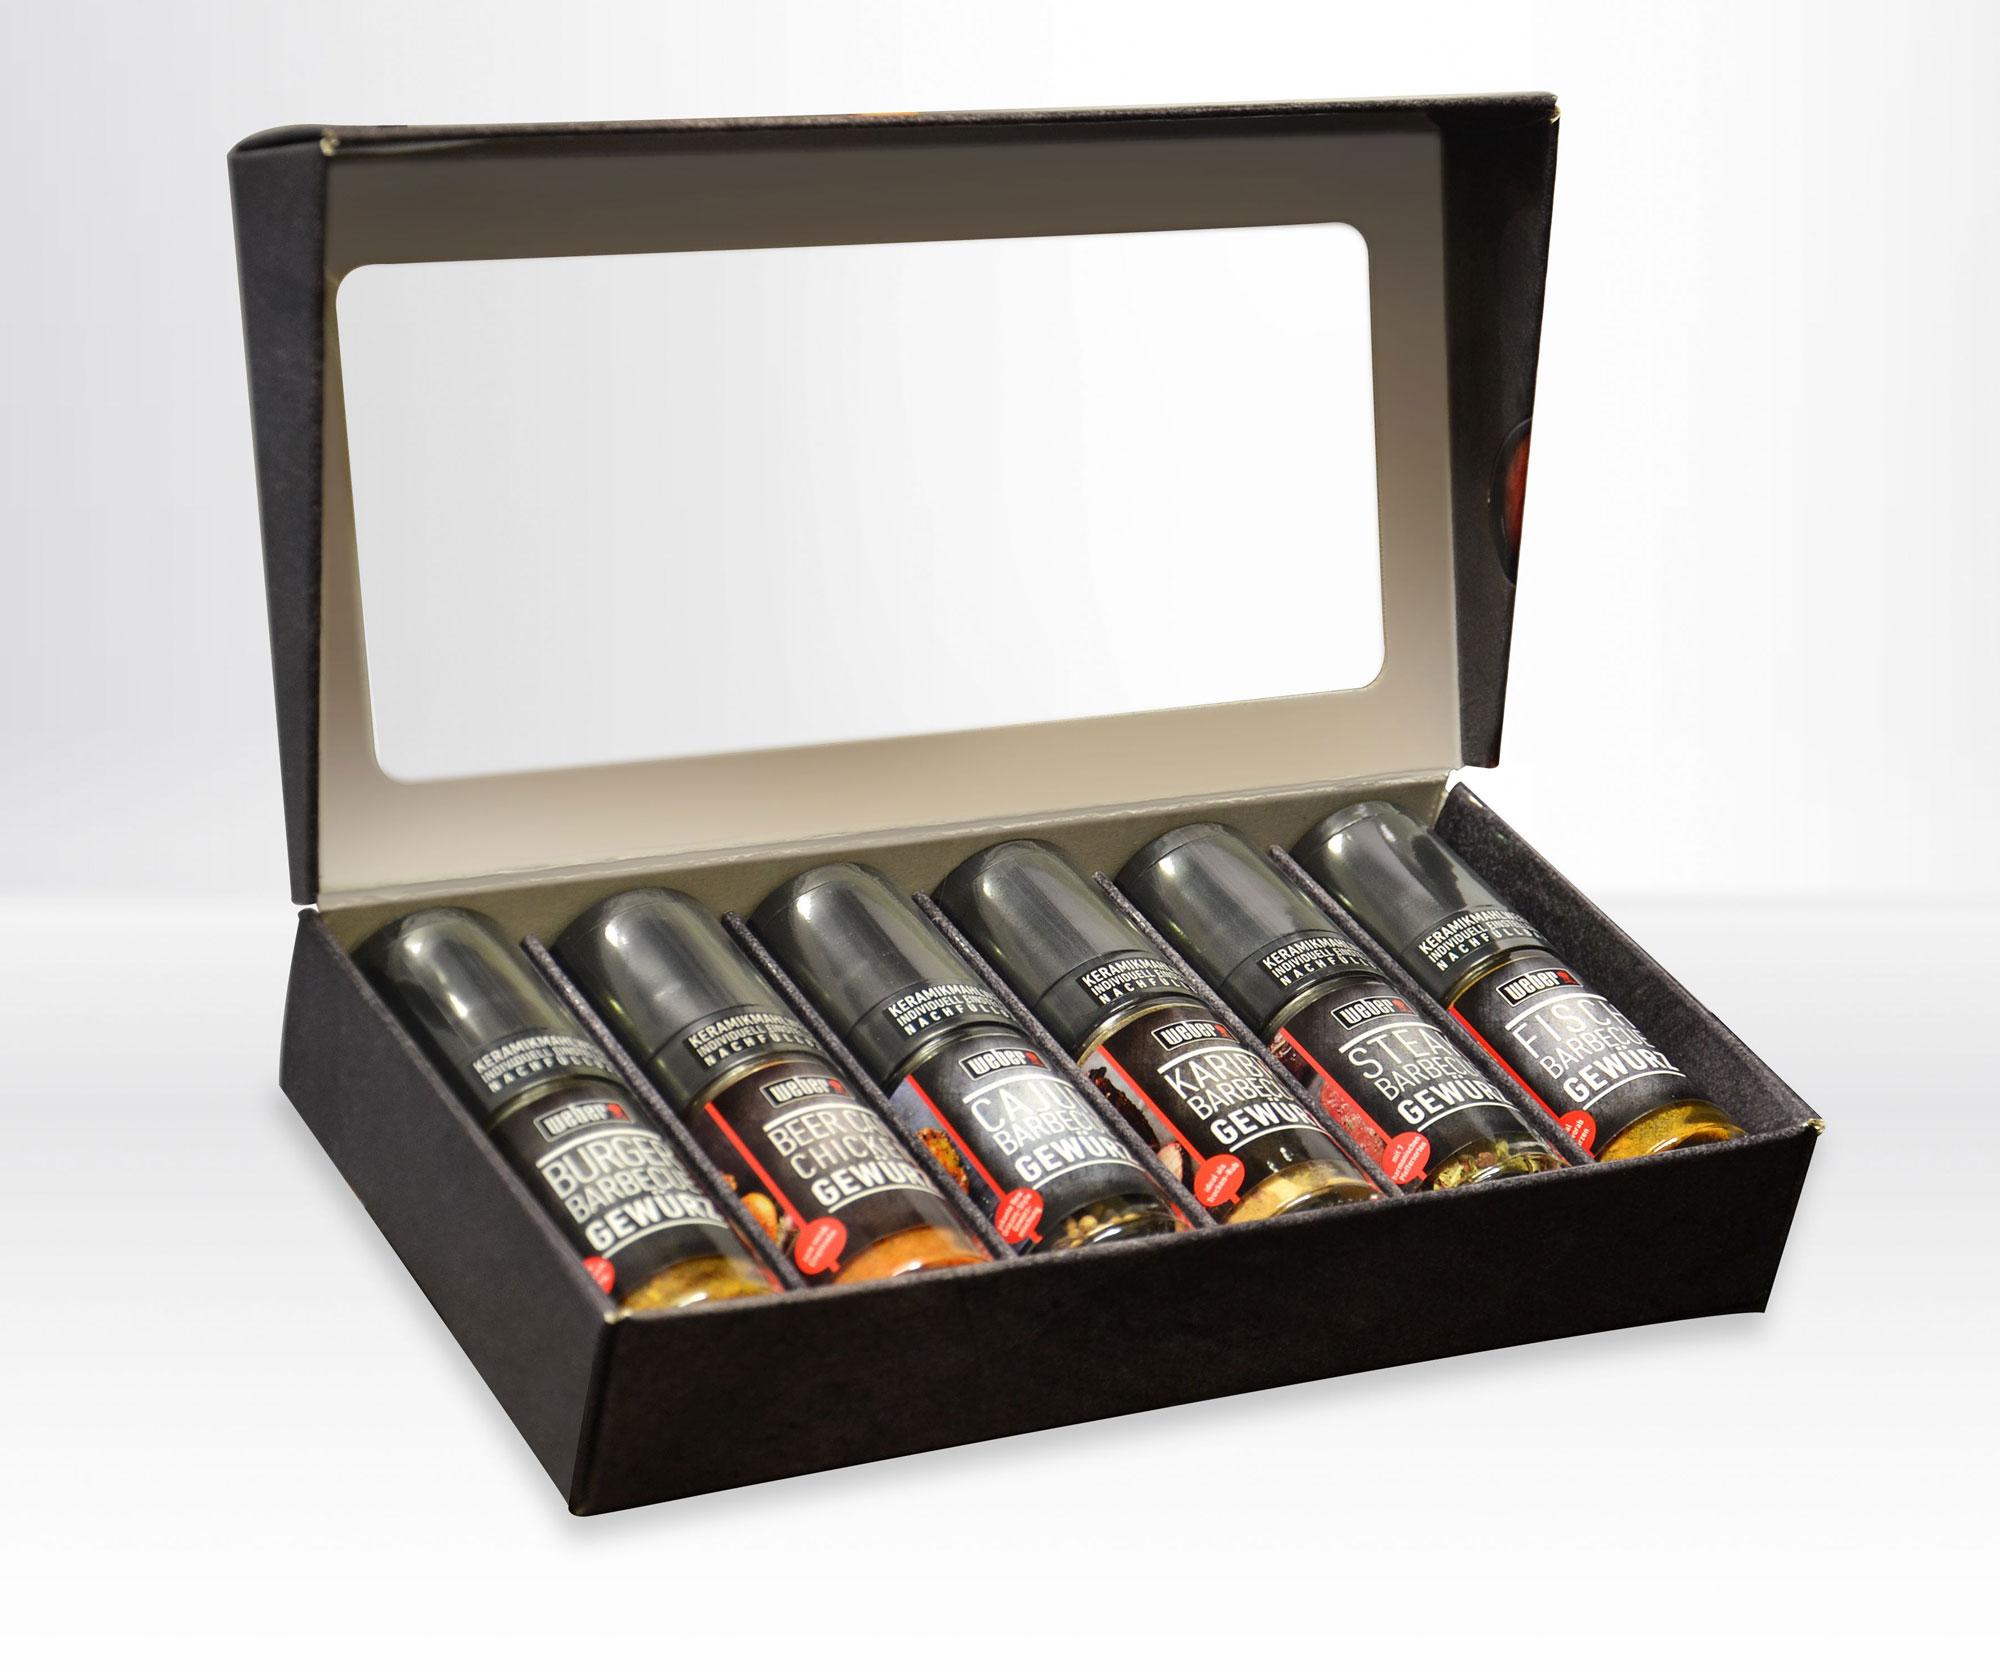 weber bbq gew rz set geschenkset mit 6 grillgew rzen bei. Black Bedroom Furniture Sets. Home Design Ideas